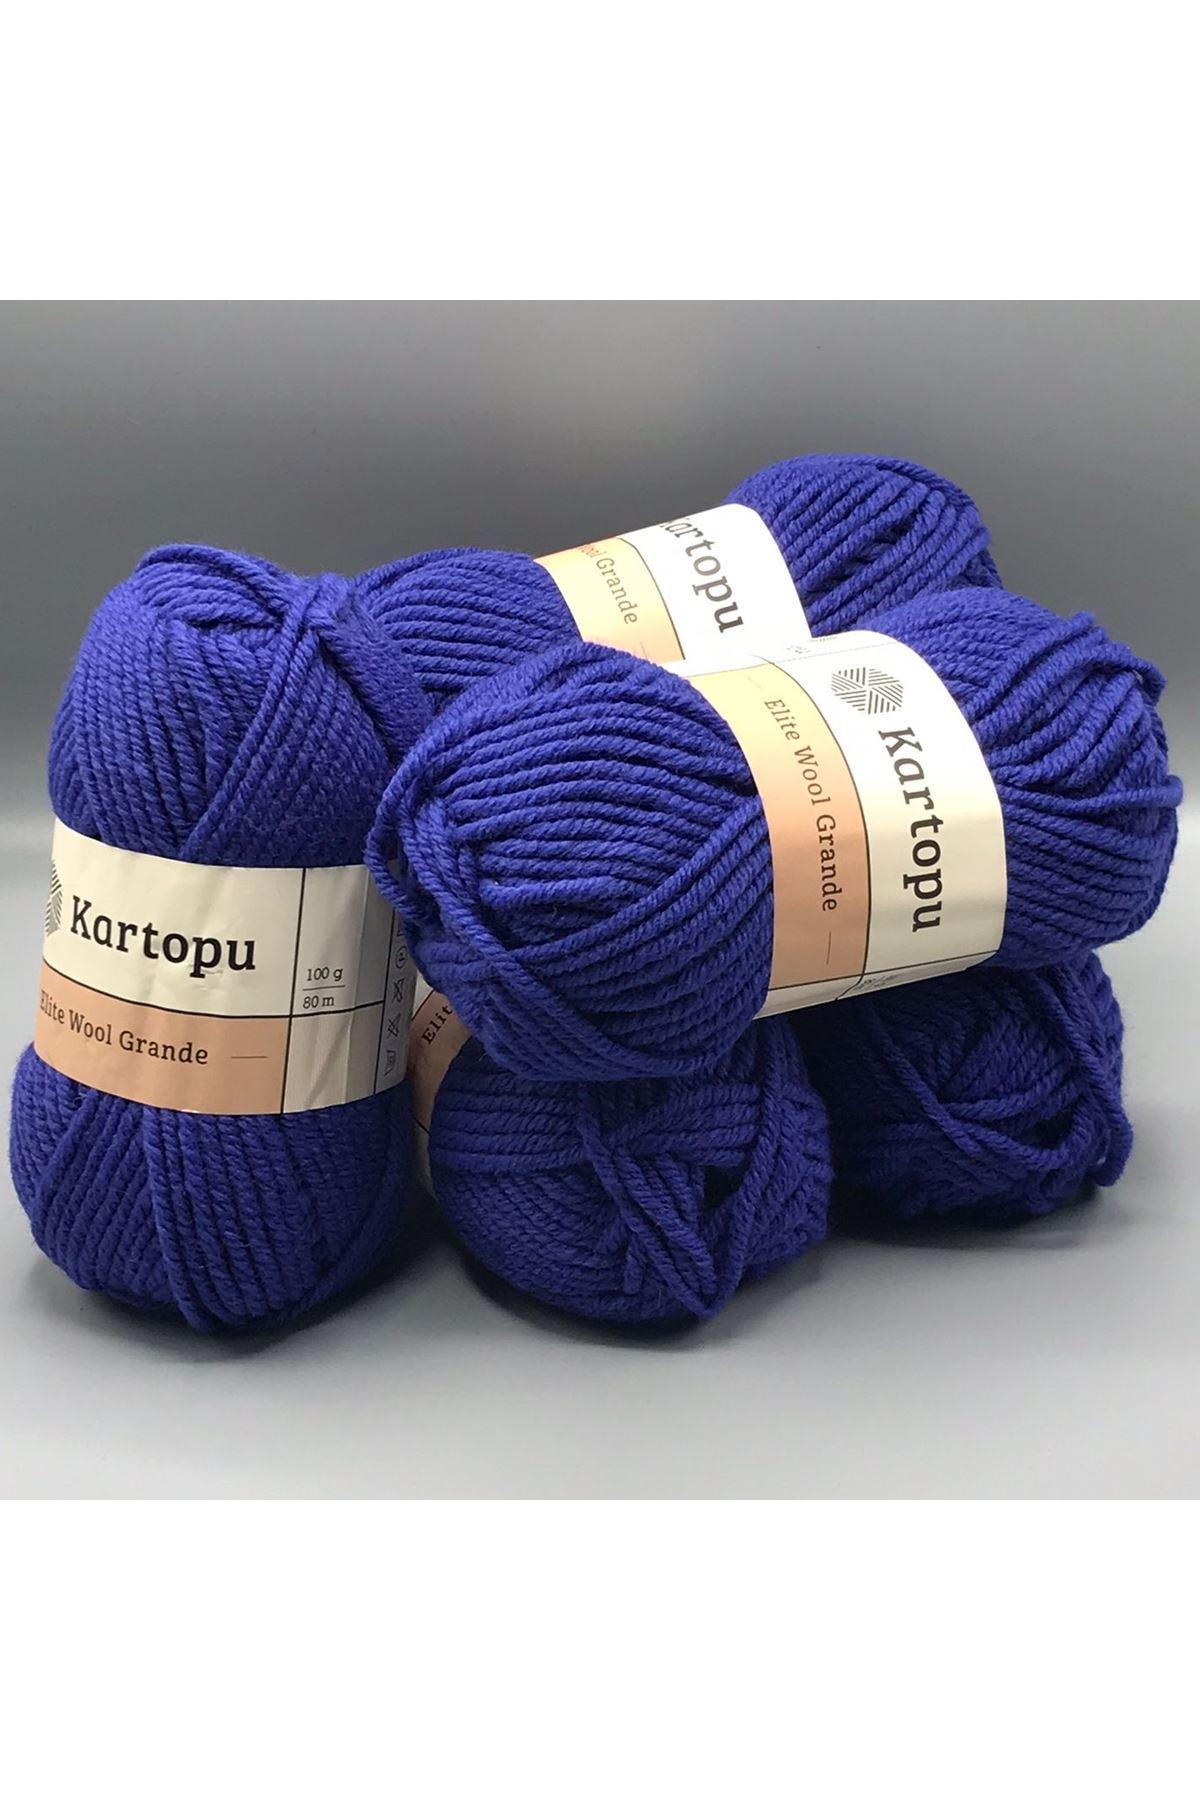 Kartopu Elite Wool Grande 5'li Paket K1624 Saks